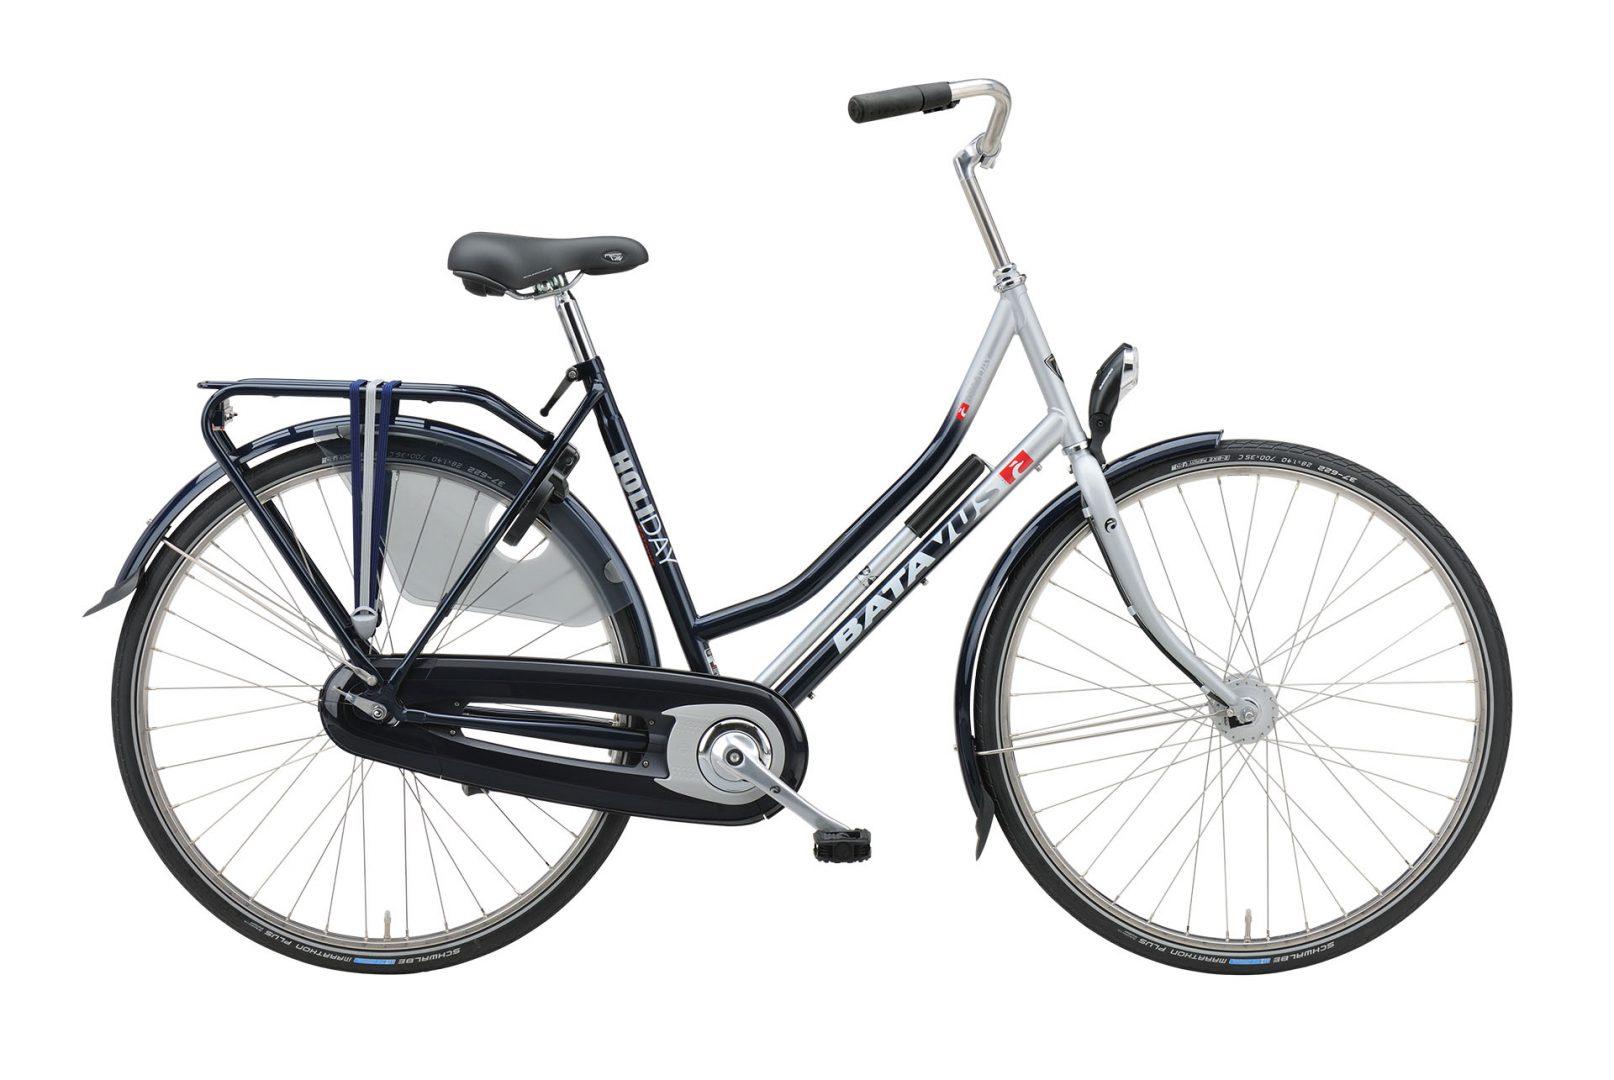 Fiets zonder versnellingen, Batavus Holiday, degelijke fiets, dames model